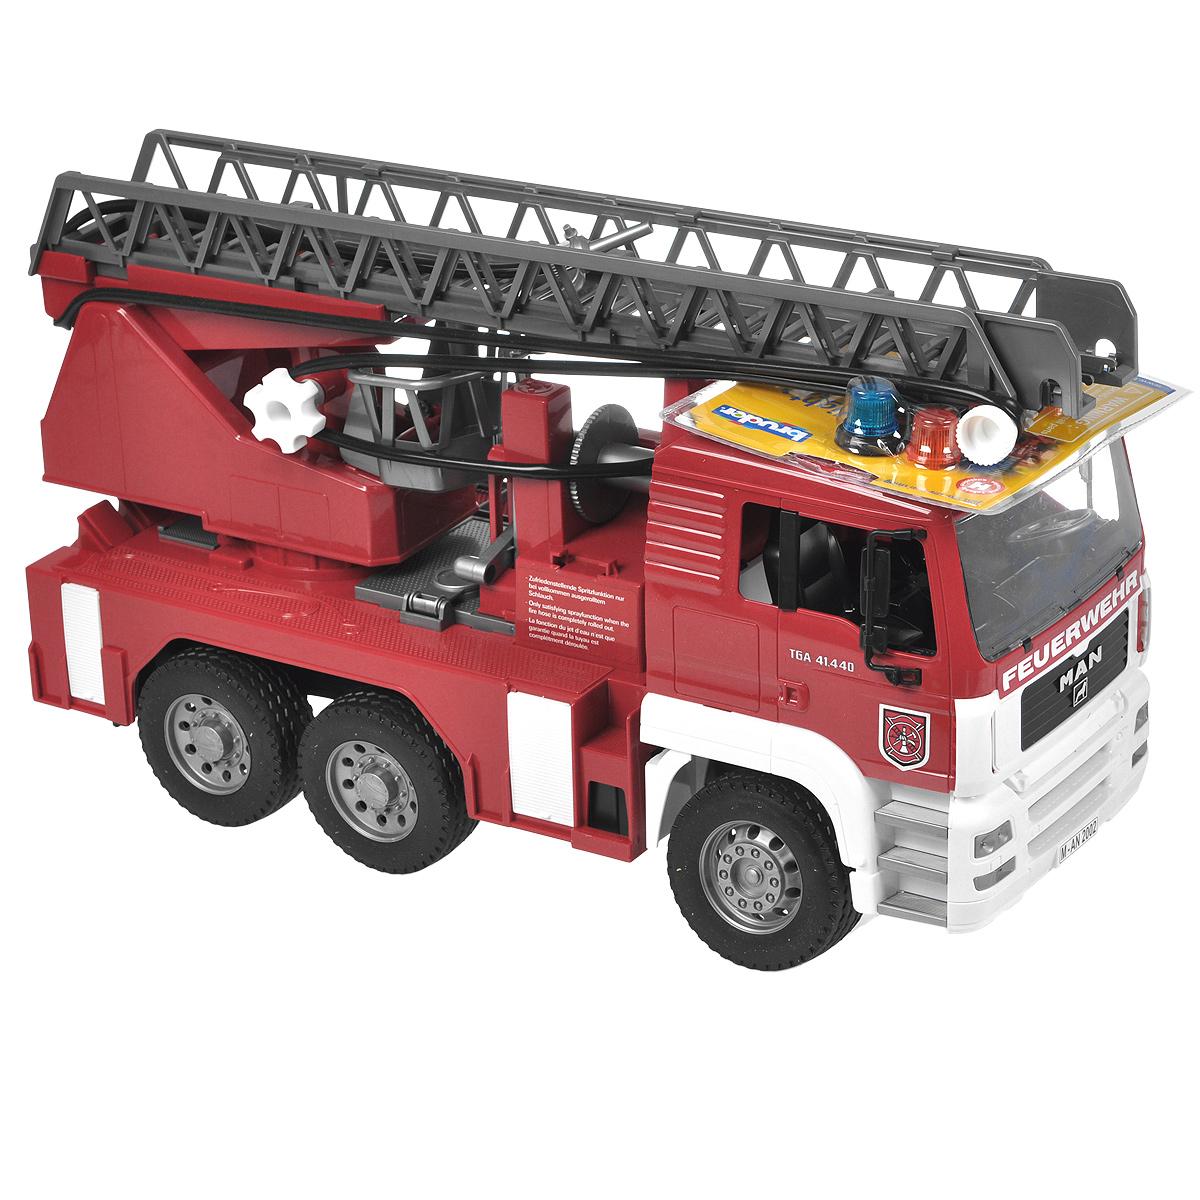 Bruder Пожарная машина MAN02-771Пожарная машина Bruder MAN, выполненная из прочного безопасного материала красного, серебристого и белого цветов, отлично подойдет ребенку для различных игр. Машина является уменьшенной копией пожарной машины фирмы MAN. Пожарная машина оборудована рукавом с емкостью для воды, функционирующим помповым насосом и выдвижной двухуровневой лестницей, меняющей угол наклона. Лестница выдвигается специальной ручкой. К ней прикреплена люлька, которая также способна менять угол наклона. Платформа машины поворачивается на 360°. Также пожарная машина оснащена четырьмя опорами для устойчивости и ящиком для инструментов. Водительская кабина откидывается, что обеспечивает доступ к двигателю; зеркала складываются. В кабину помещается небольшая игрушка. Машина дополнена съемным модулем с мигающими лампочками и звуком продолжительностью 18 секунд, работающим в четырех режимах: гудок, звук двигателя, мигающие лампочки, сирена (американская, европейская). Прорезиненные колеса...